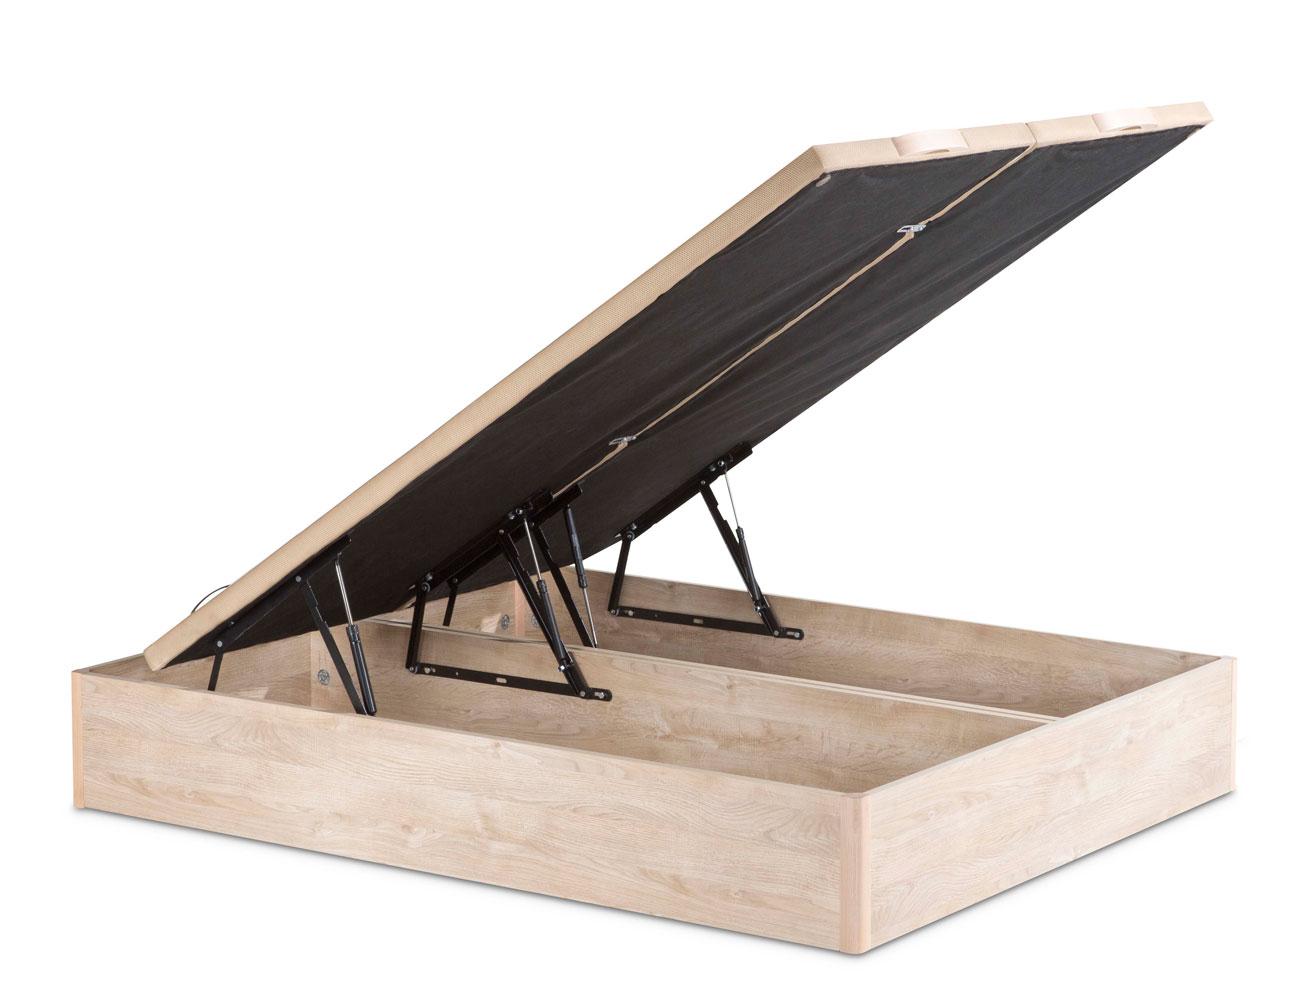 Canap de madera con zapatero 8051 factory del mueble for Zapatero gran capacidad